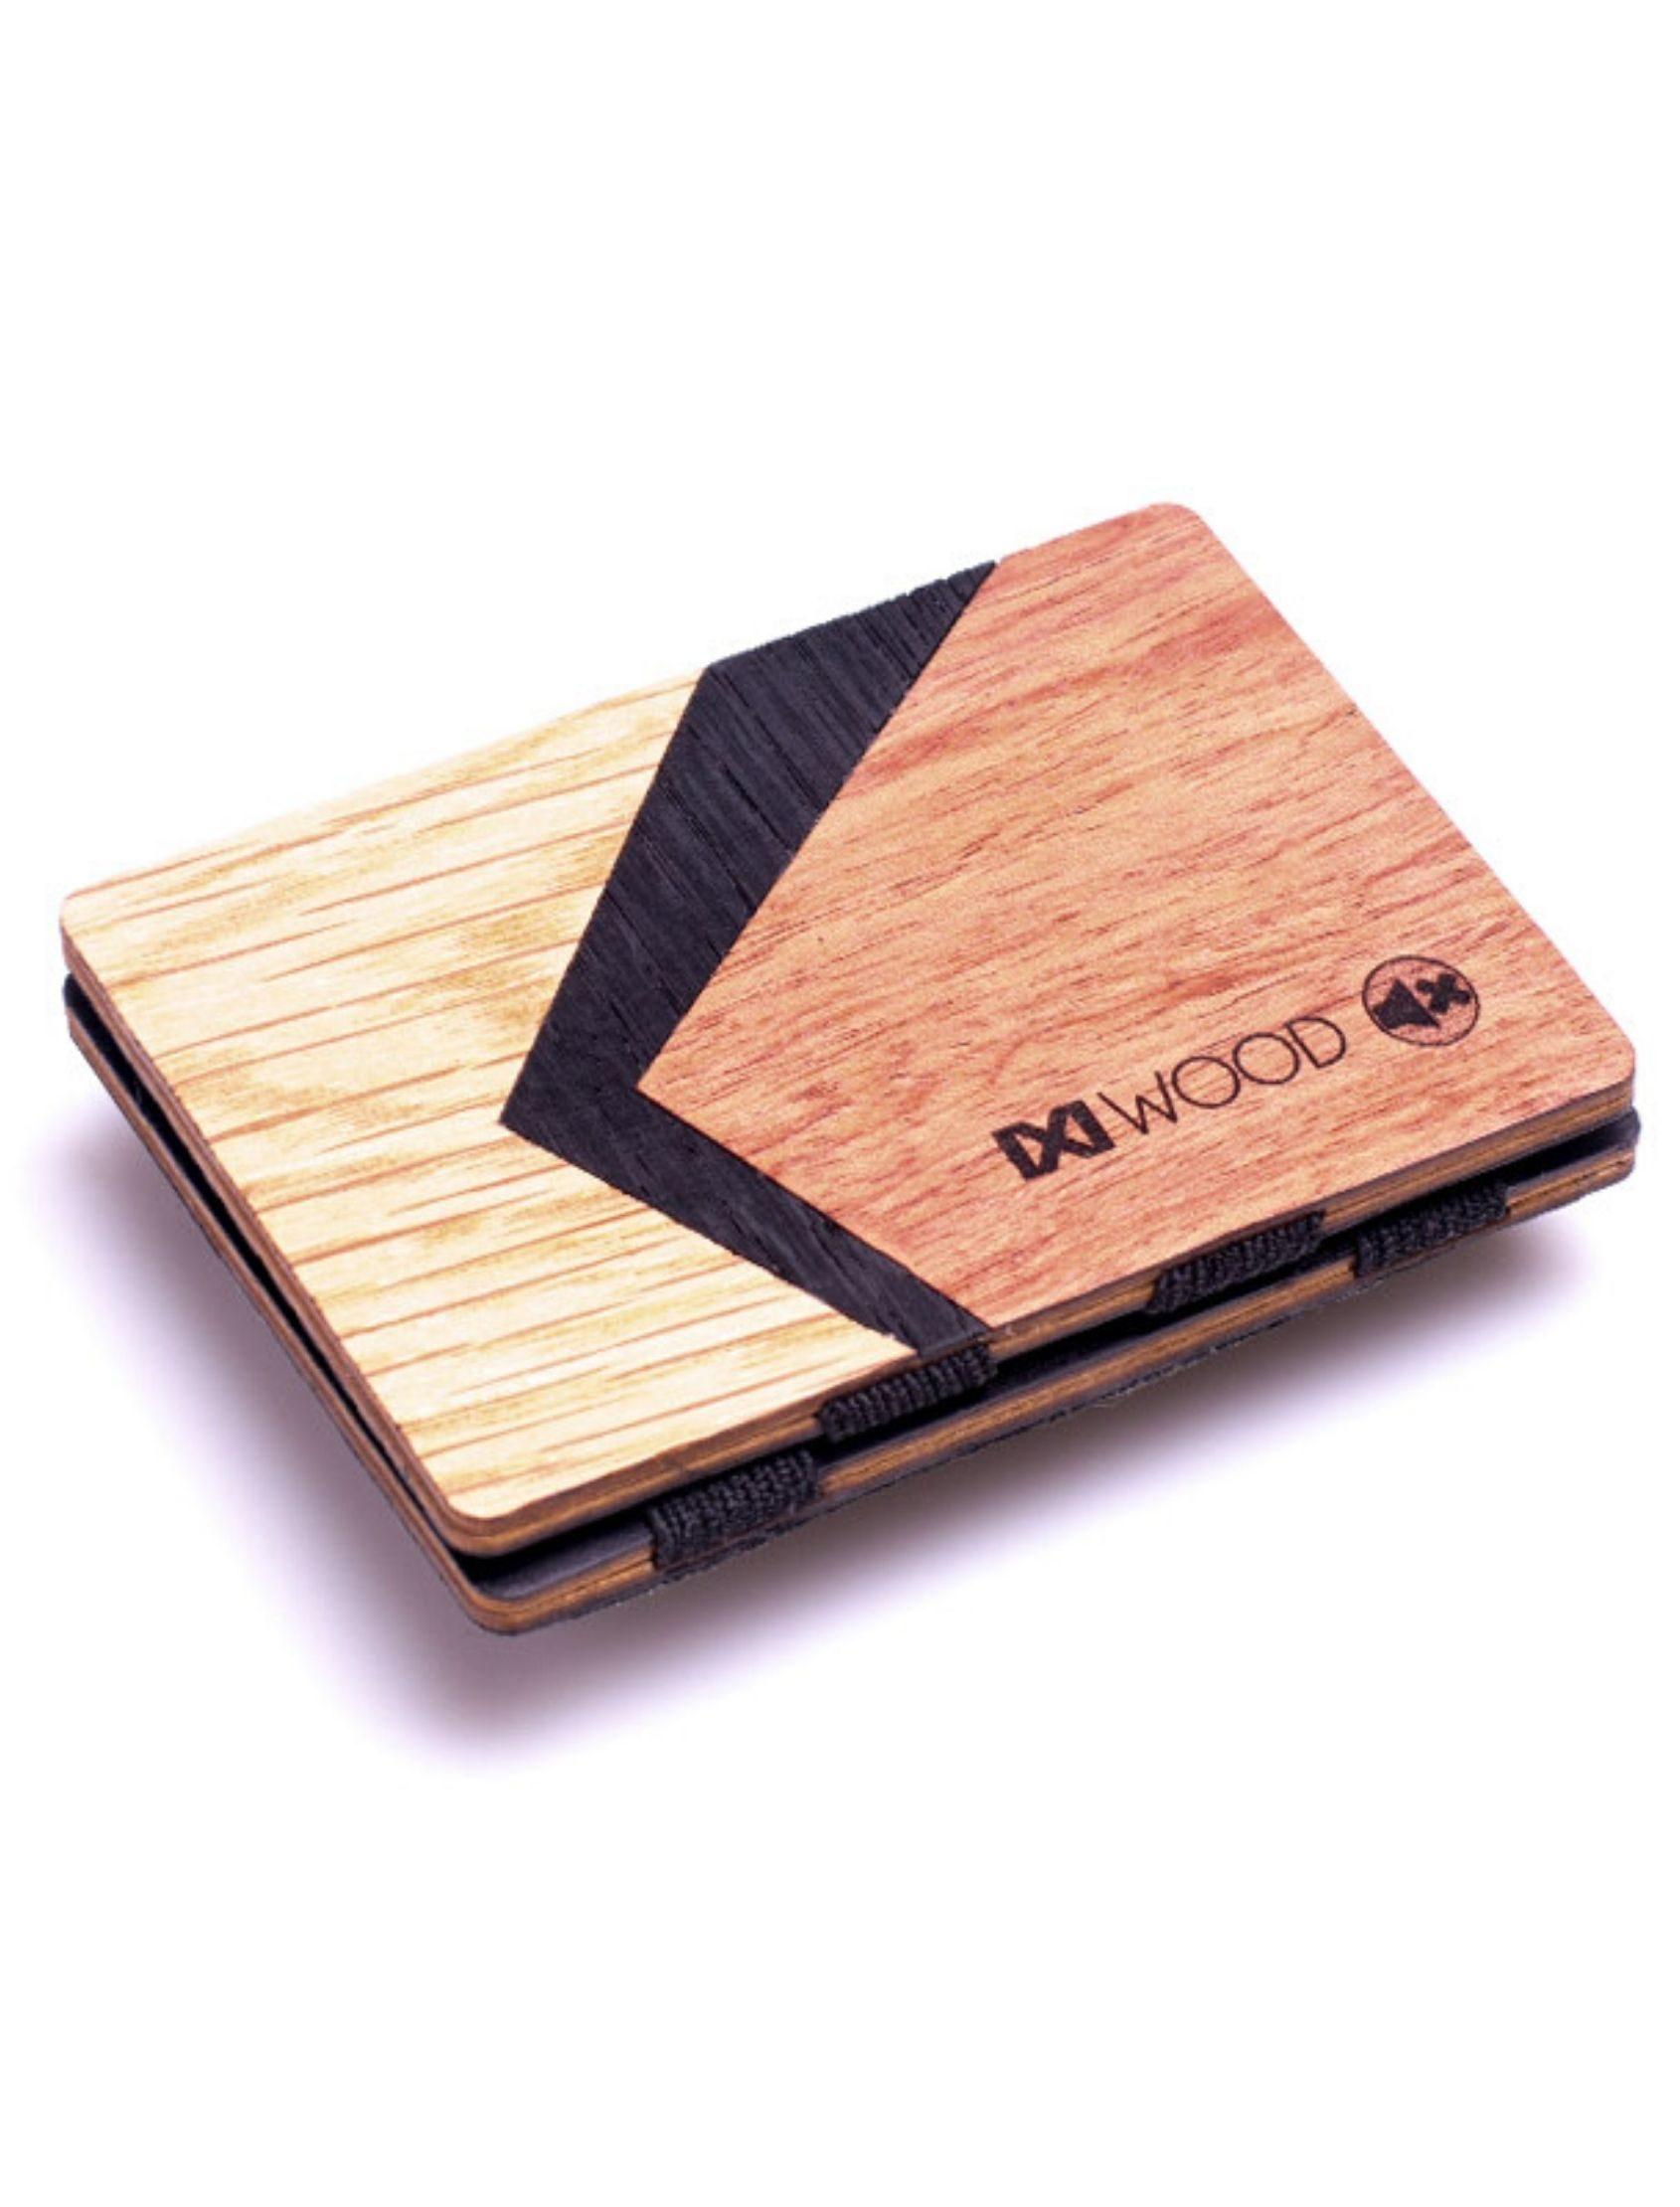 Cartera curve de madera con detalle de dibujo geométrico multicolor. De IXi Wood